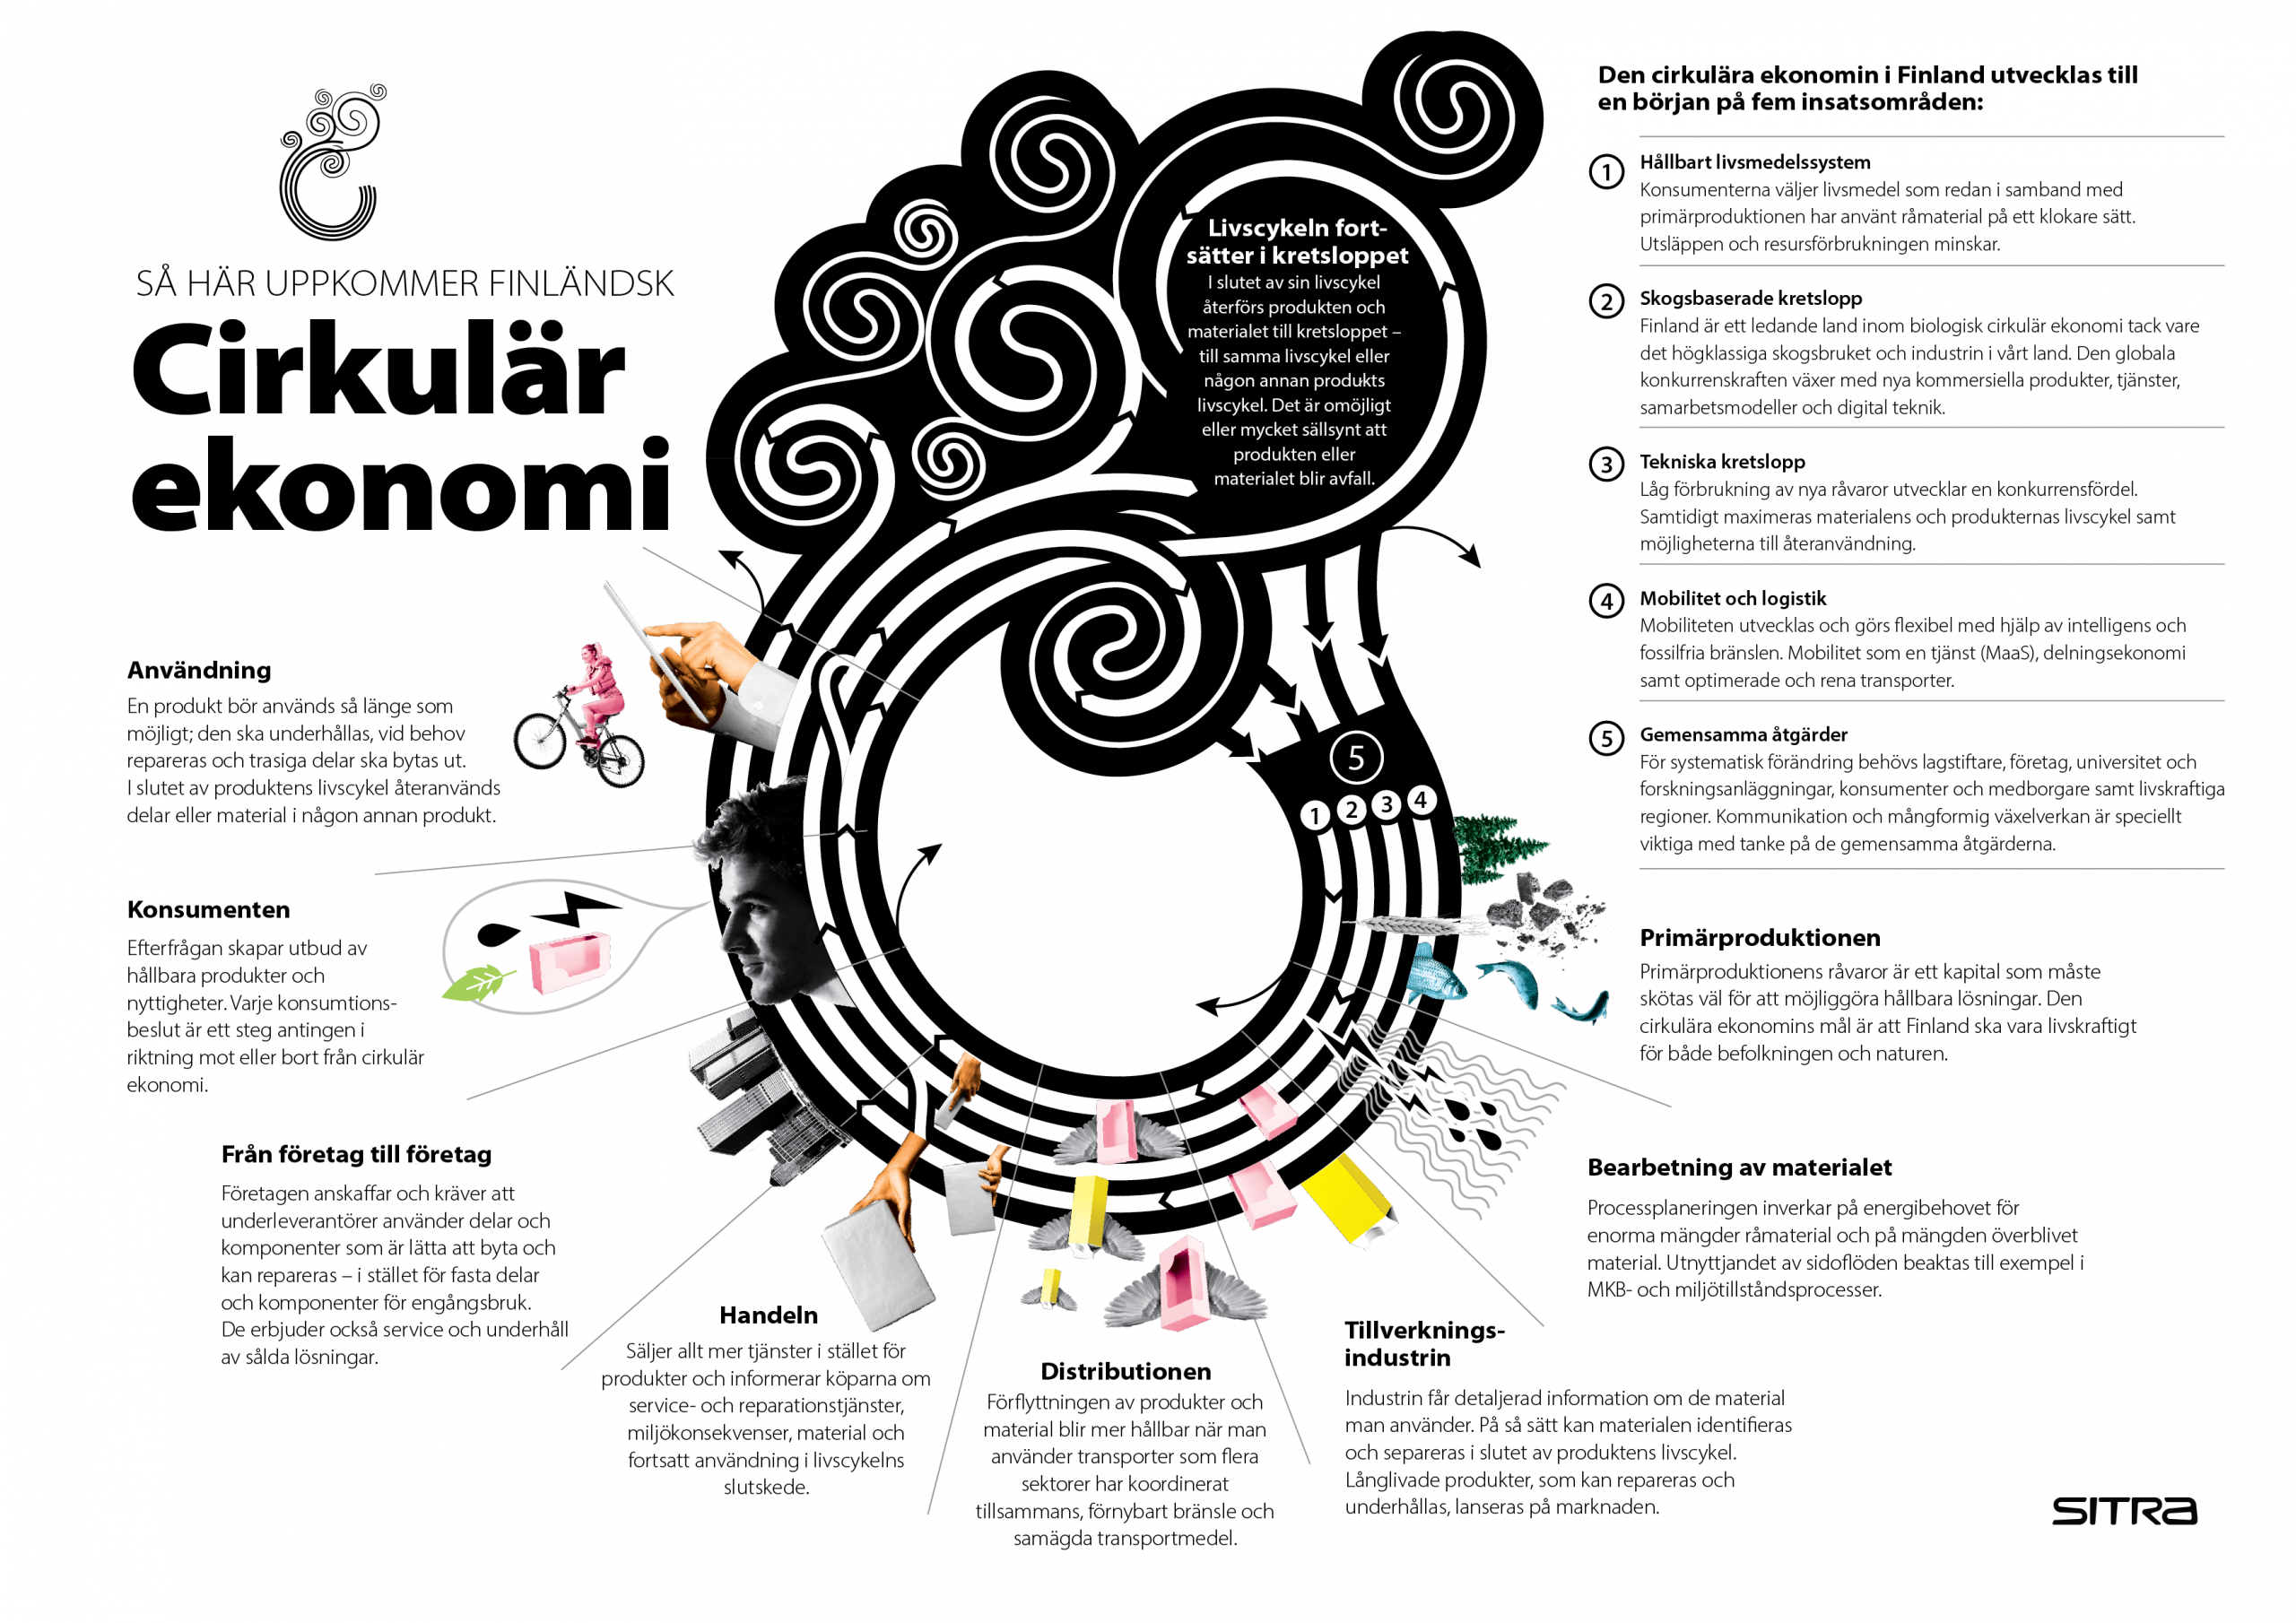 Slik ser sirkulær økonomi ut i Finland. Innovasjonsfondet Sitra har identifisert fem innsatsområder.